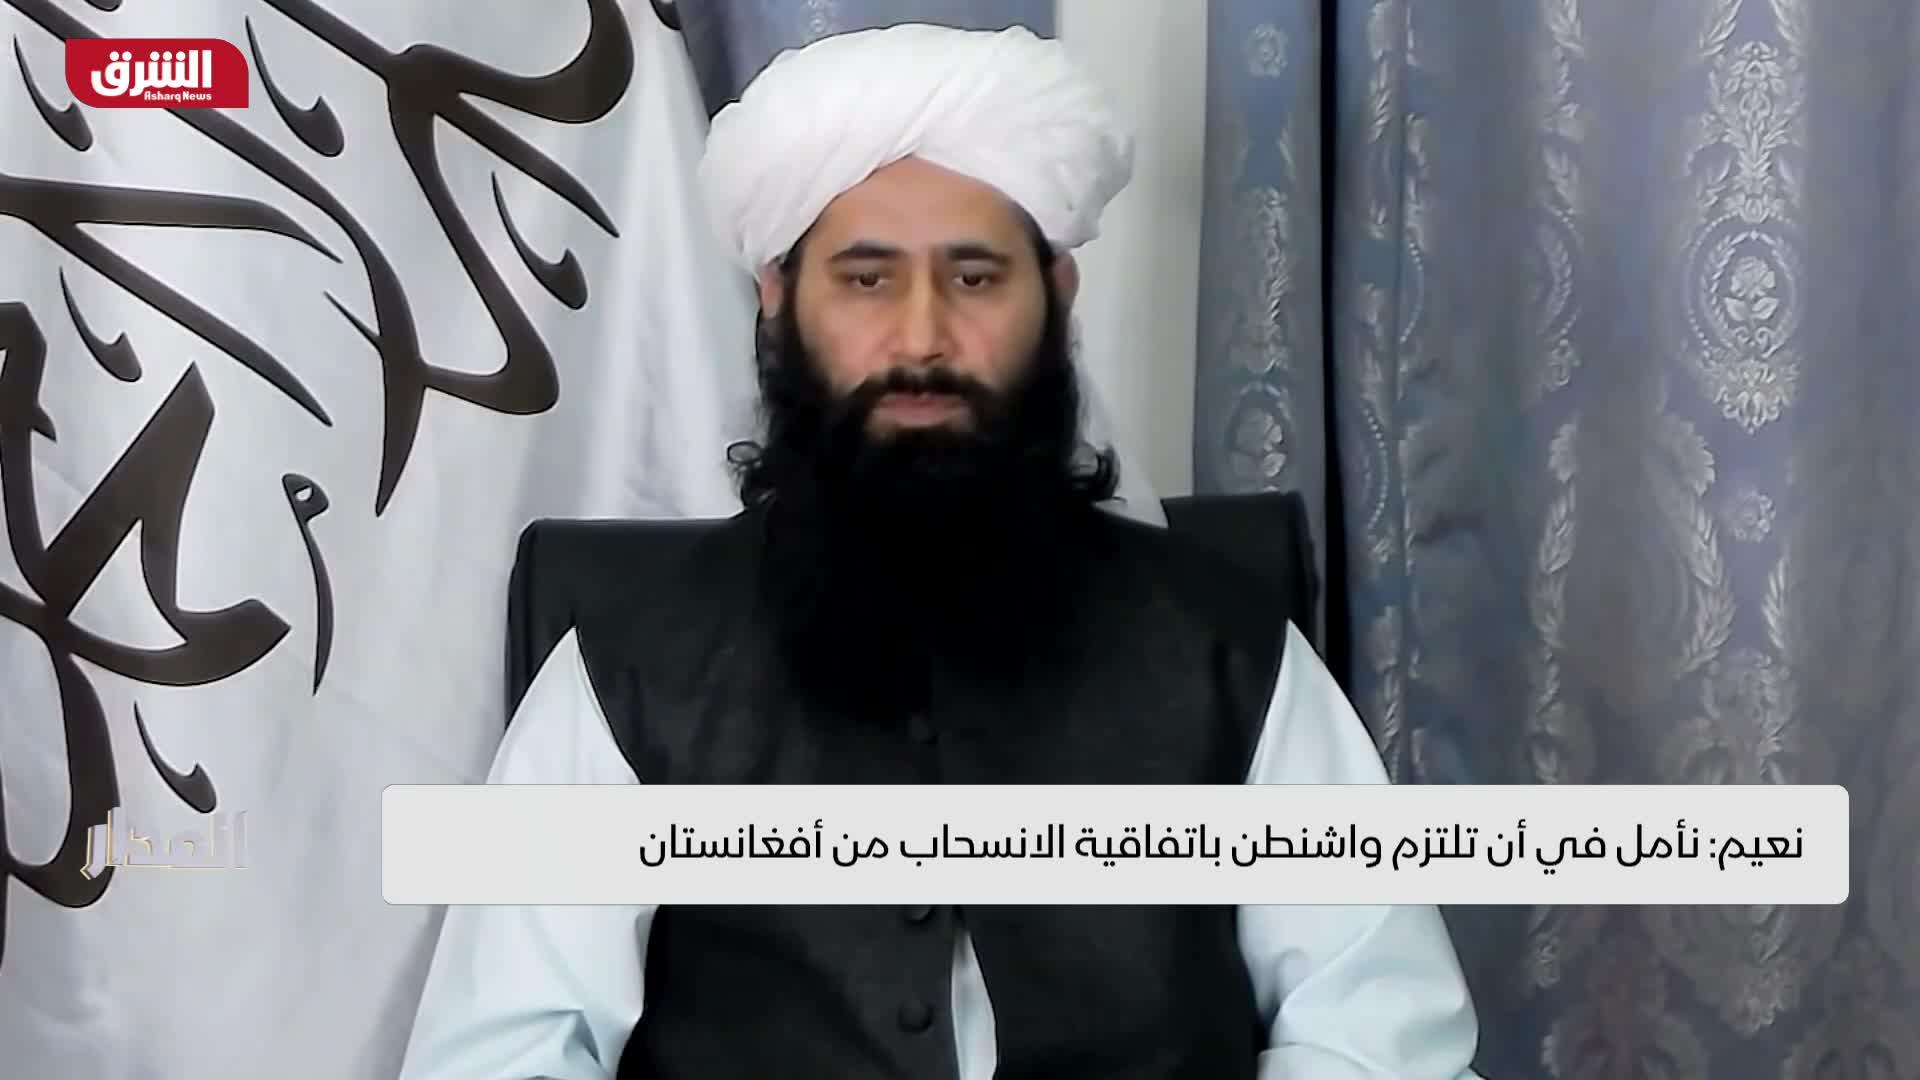 نعيم: نأمل في أن تلتزم واشنطن باتفاقية الانسحاب من أفغانستان